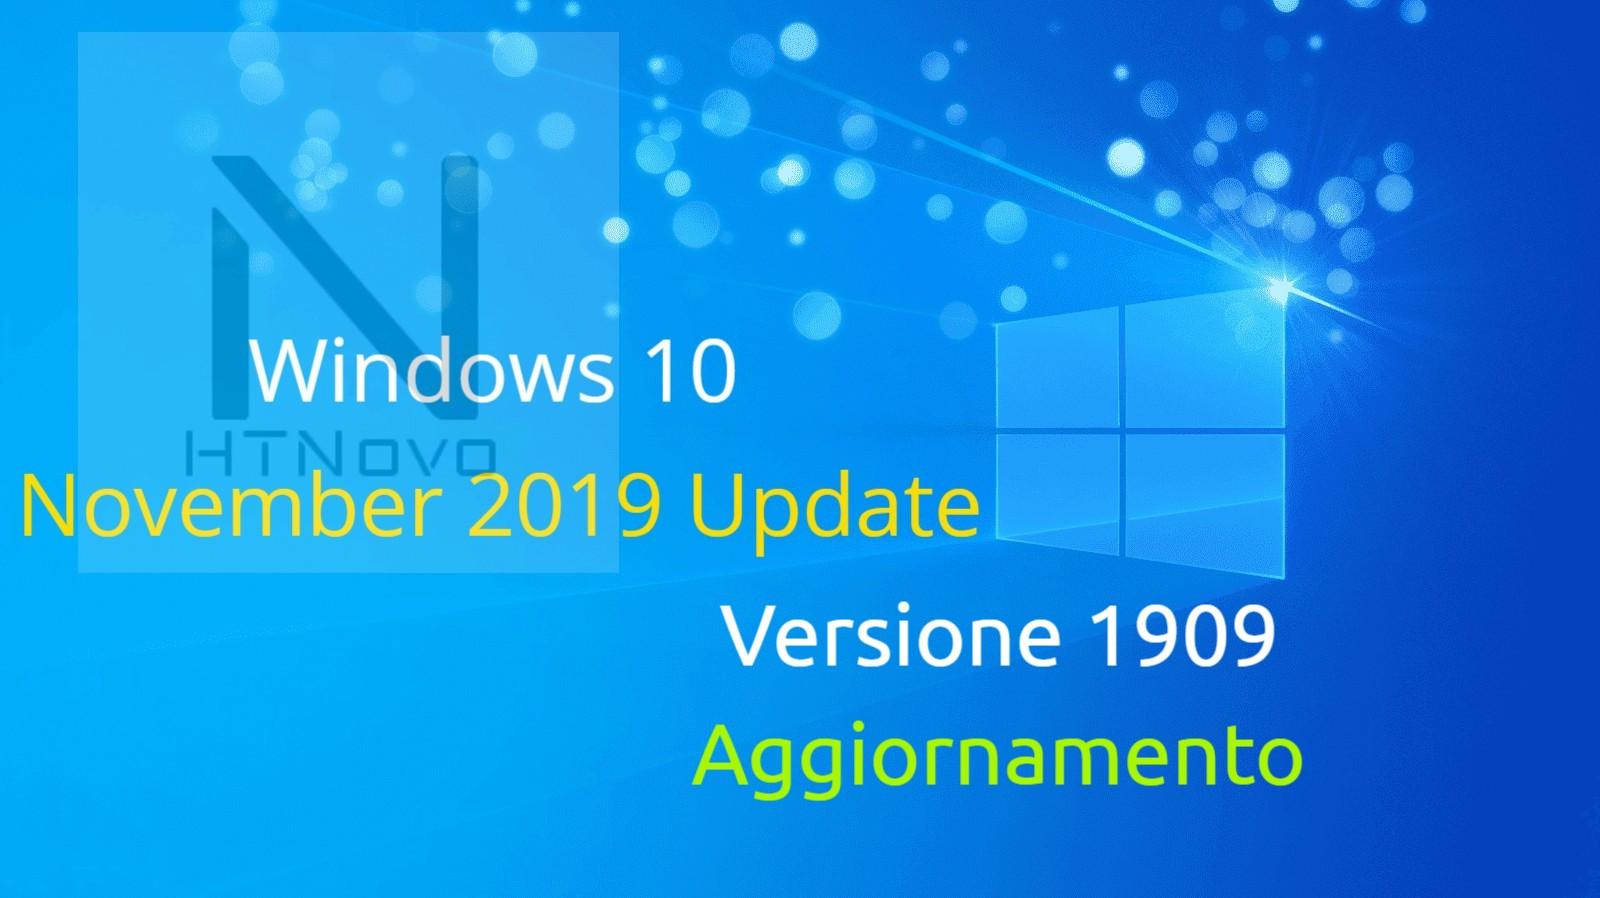 Aggiornamento cumulativo per Windows 10 Versione 1909 - Build 18363.628